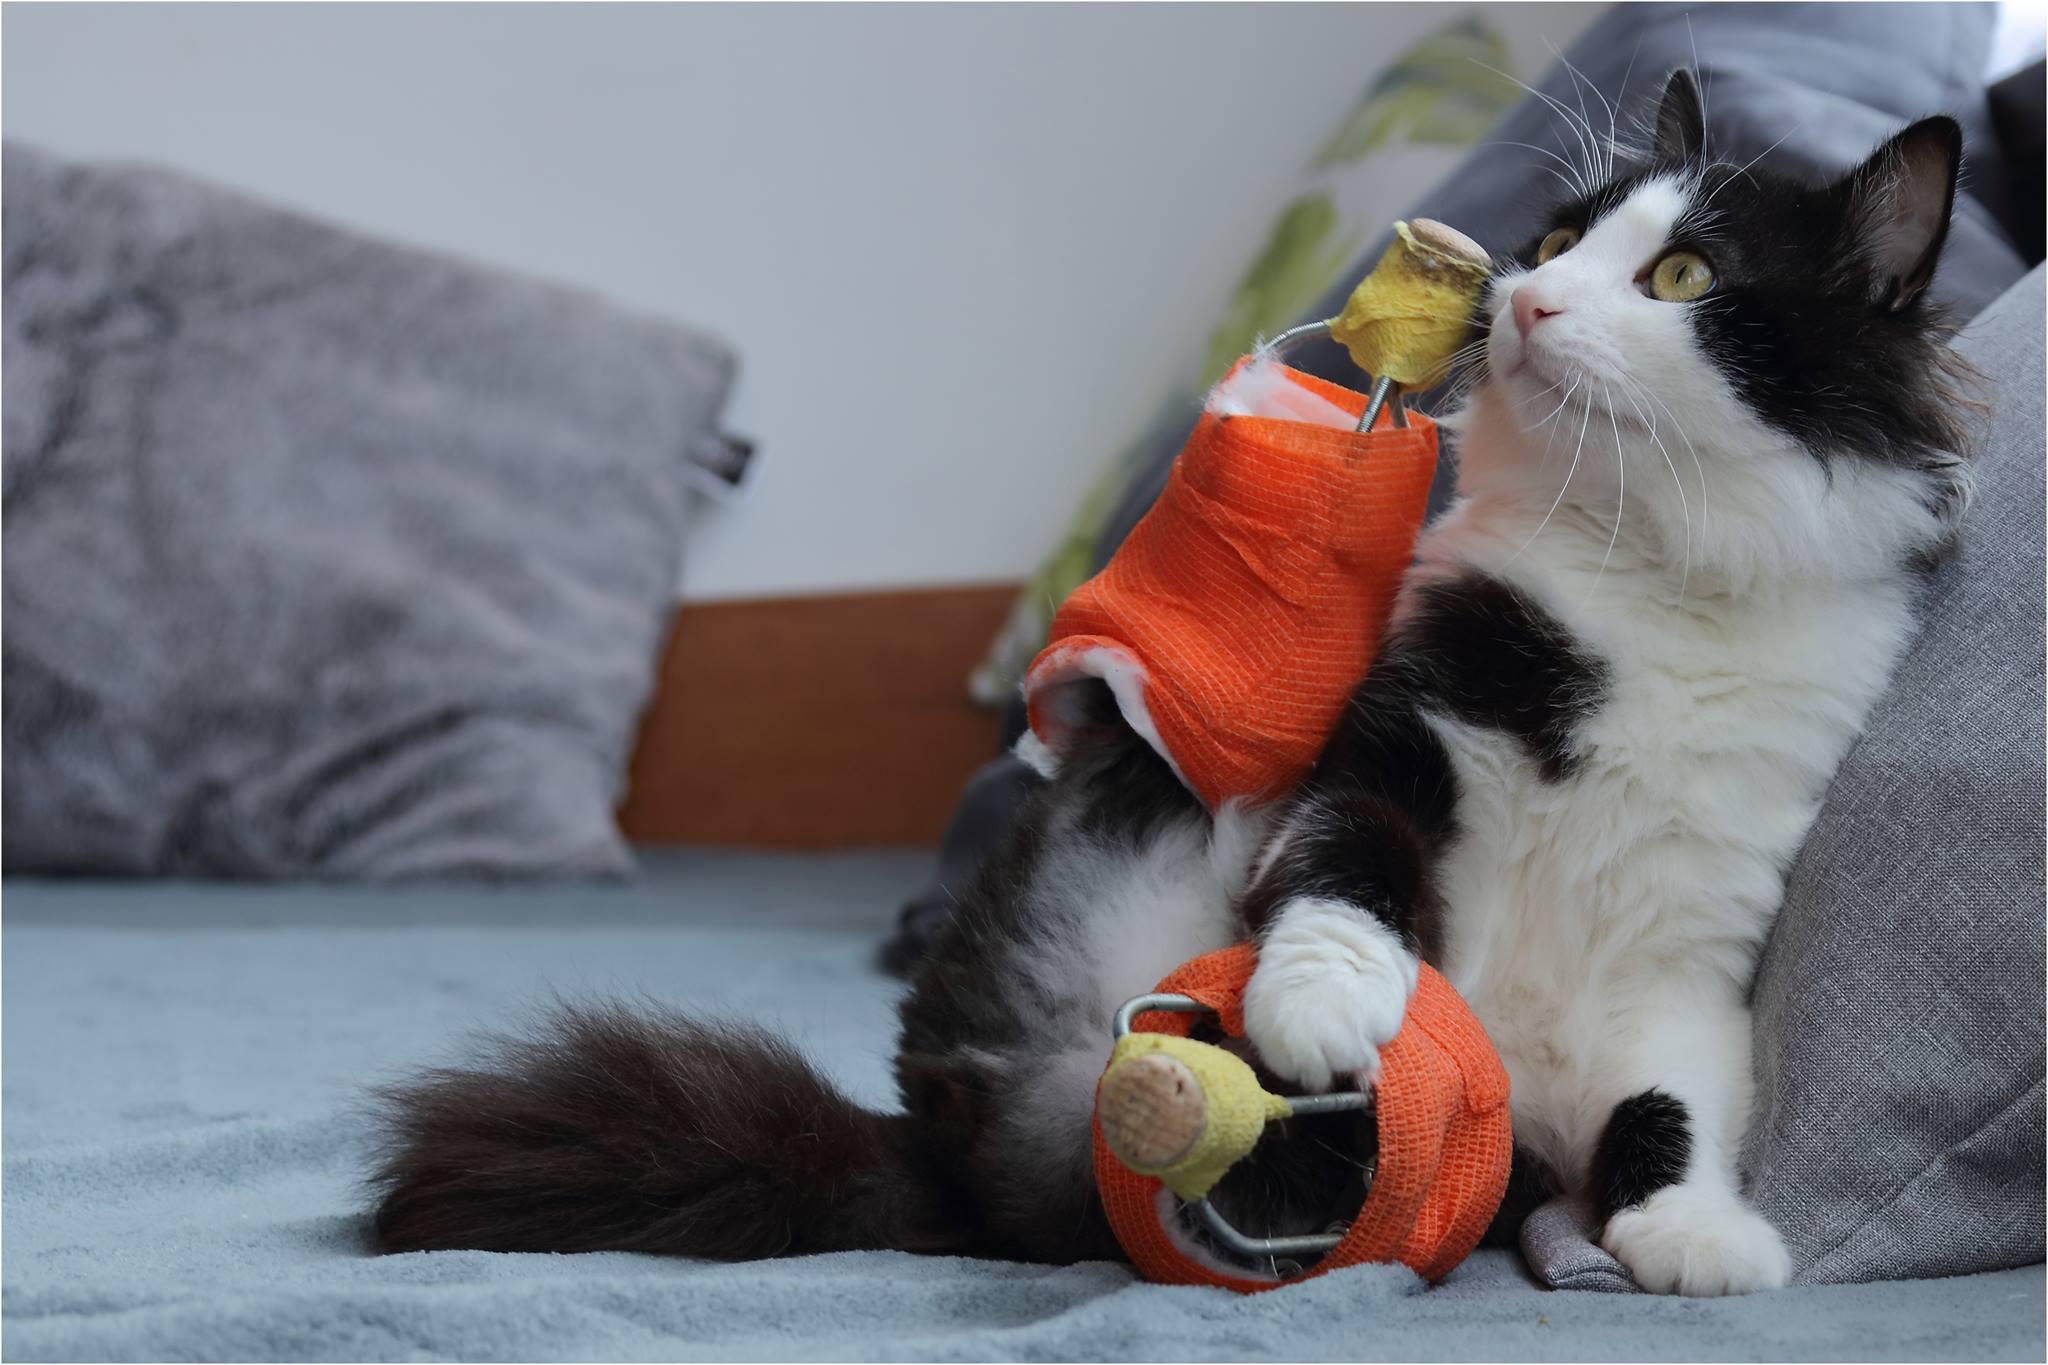 Protesi bioniche per due gatti bulgari